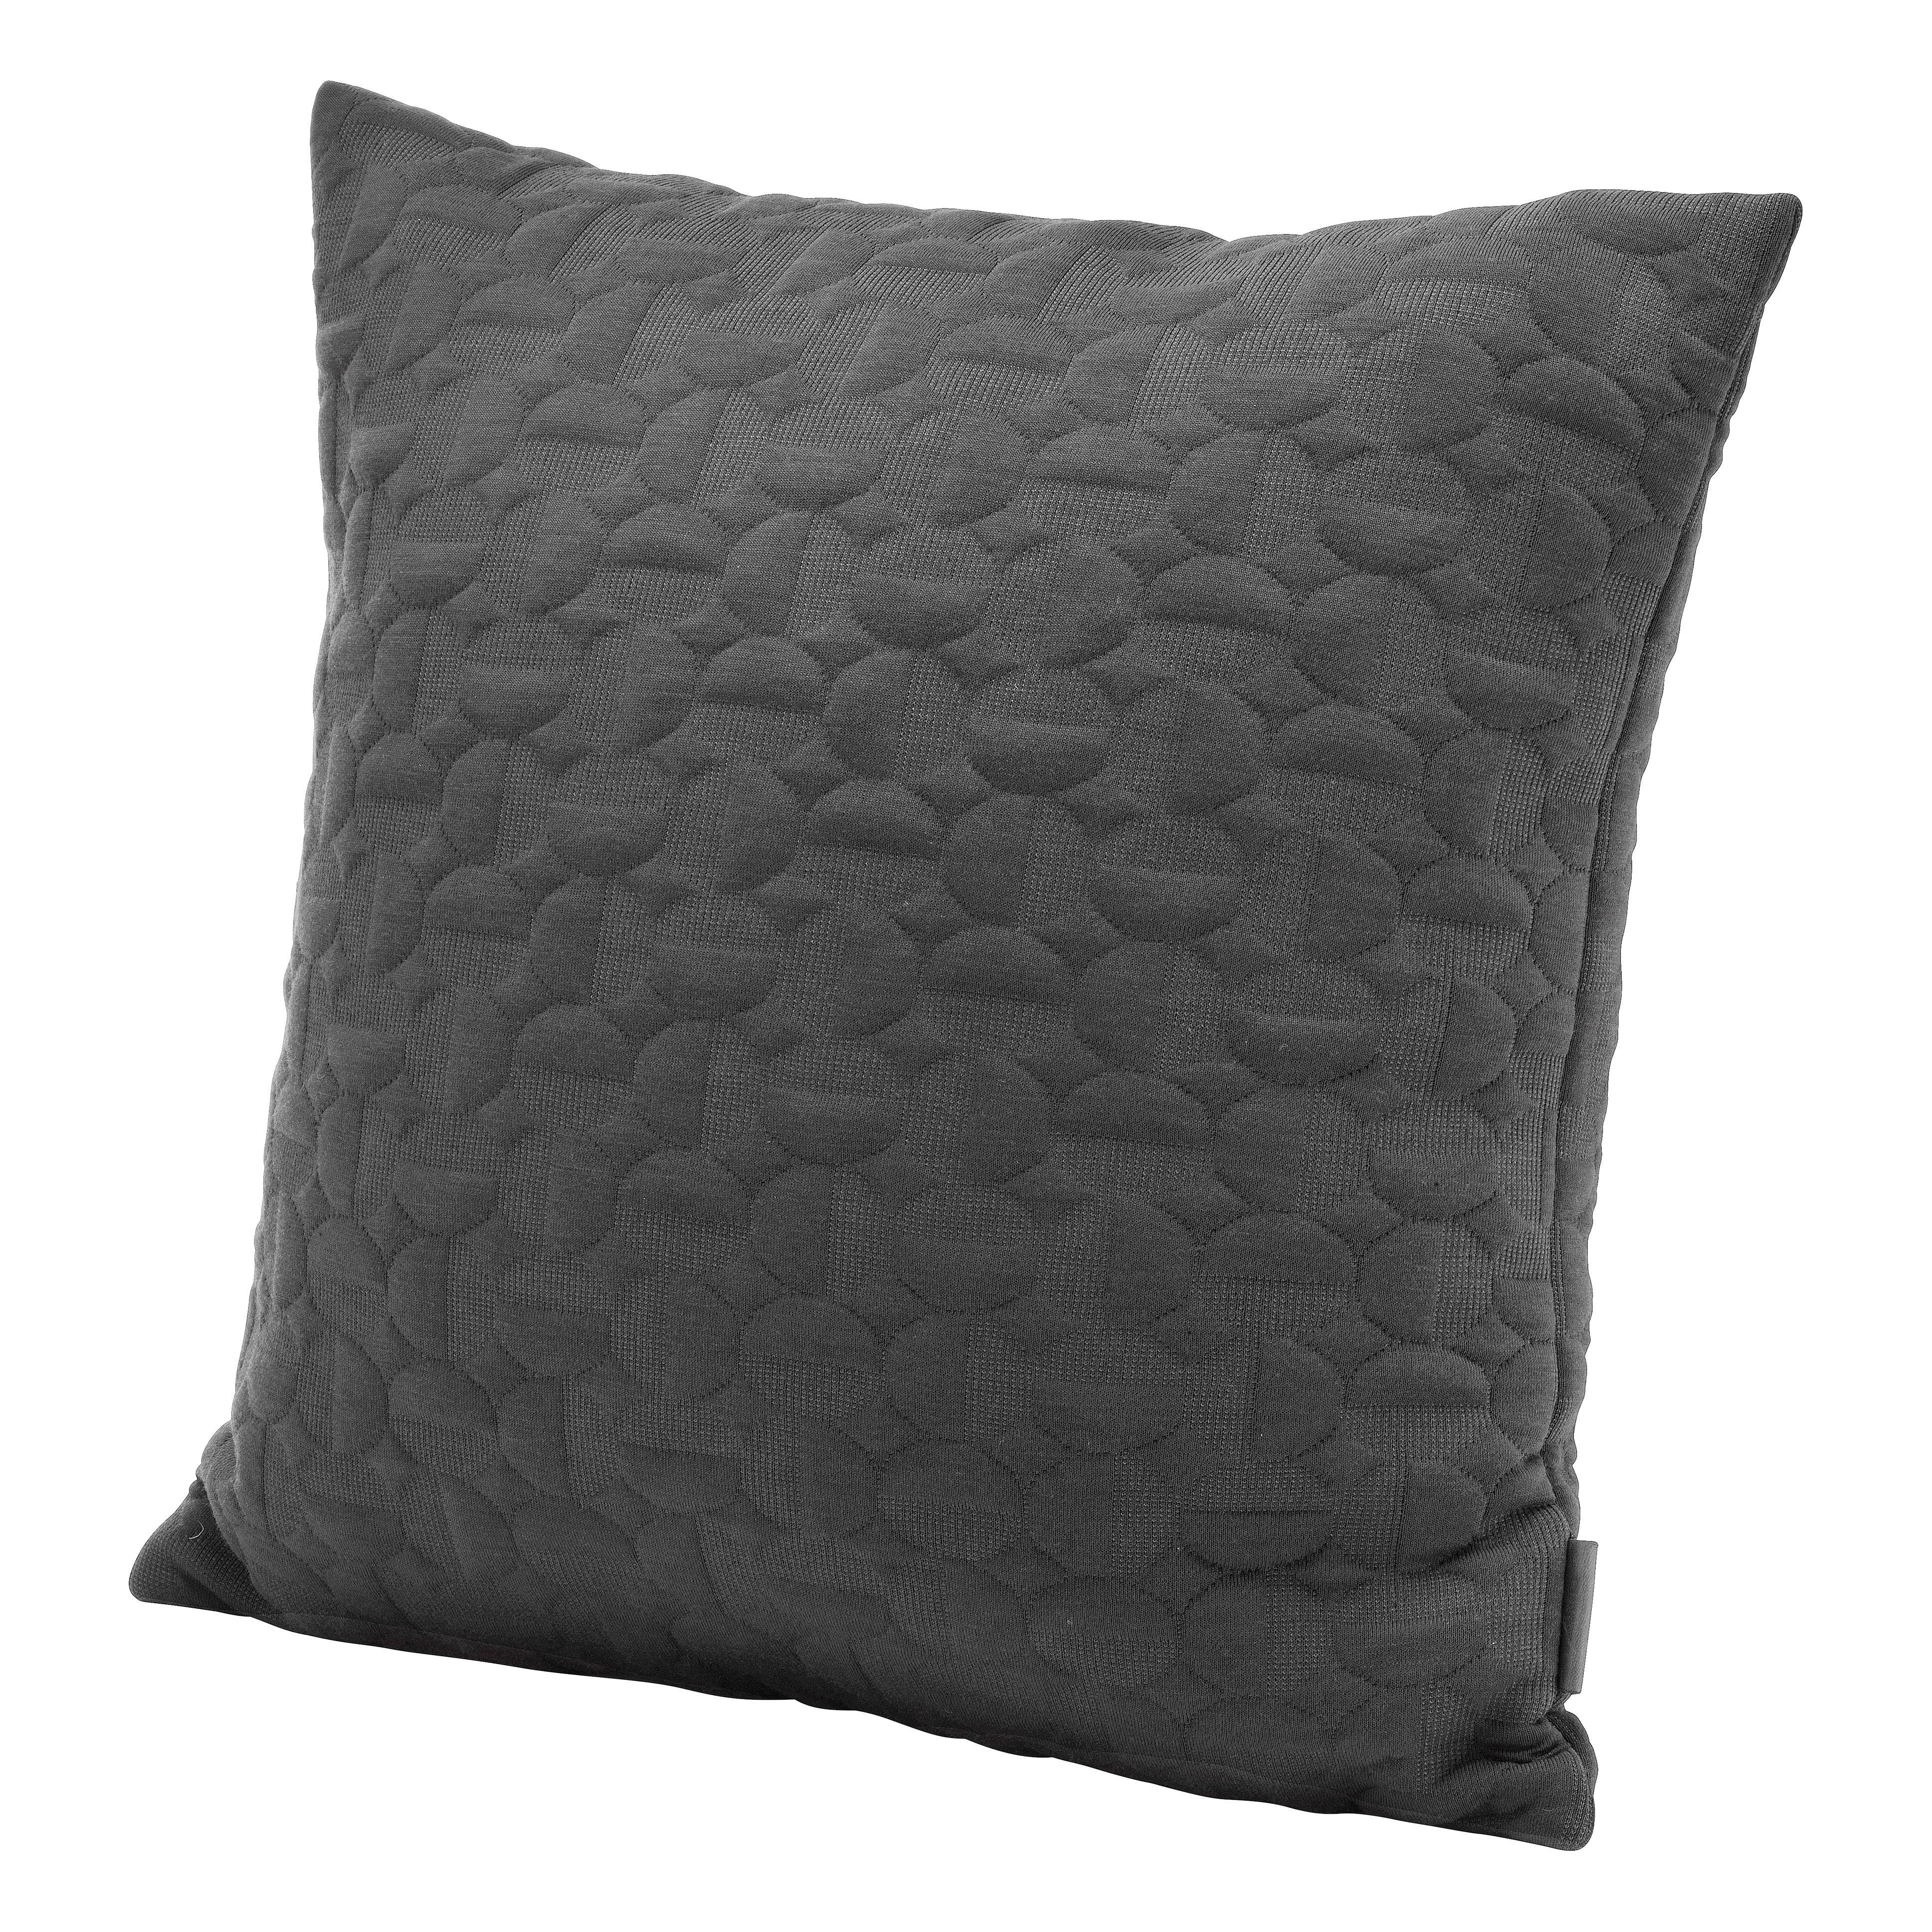 coussin vertigo by arne jacobsen 50 x 50 cm 50 x 50 cm gris fonc fritz hansen. Black Bedroom Furniture Sets. Home Design Ideas